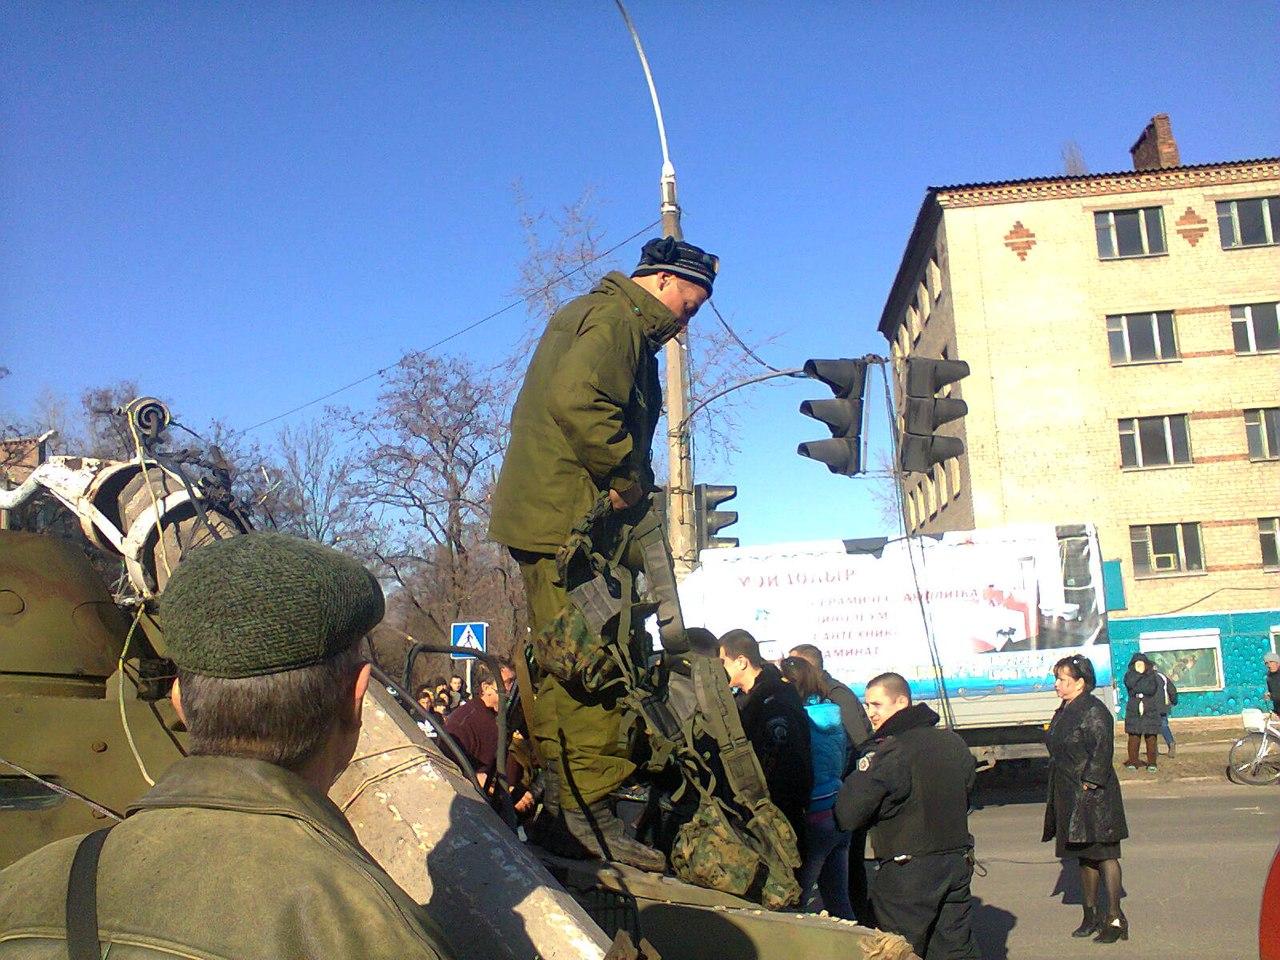 Фото и лица солдат ВСУ которые совершили преступление в Константиновке